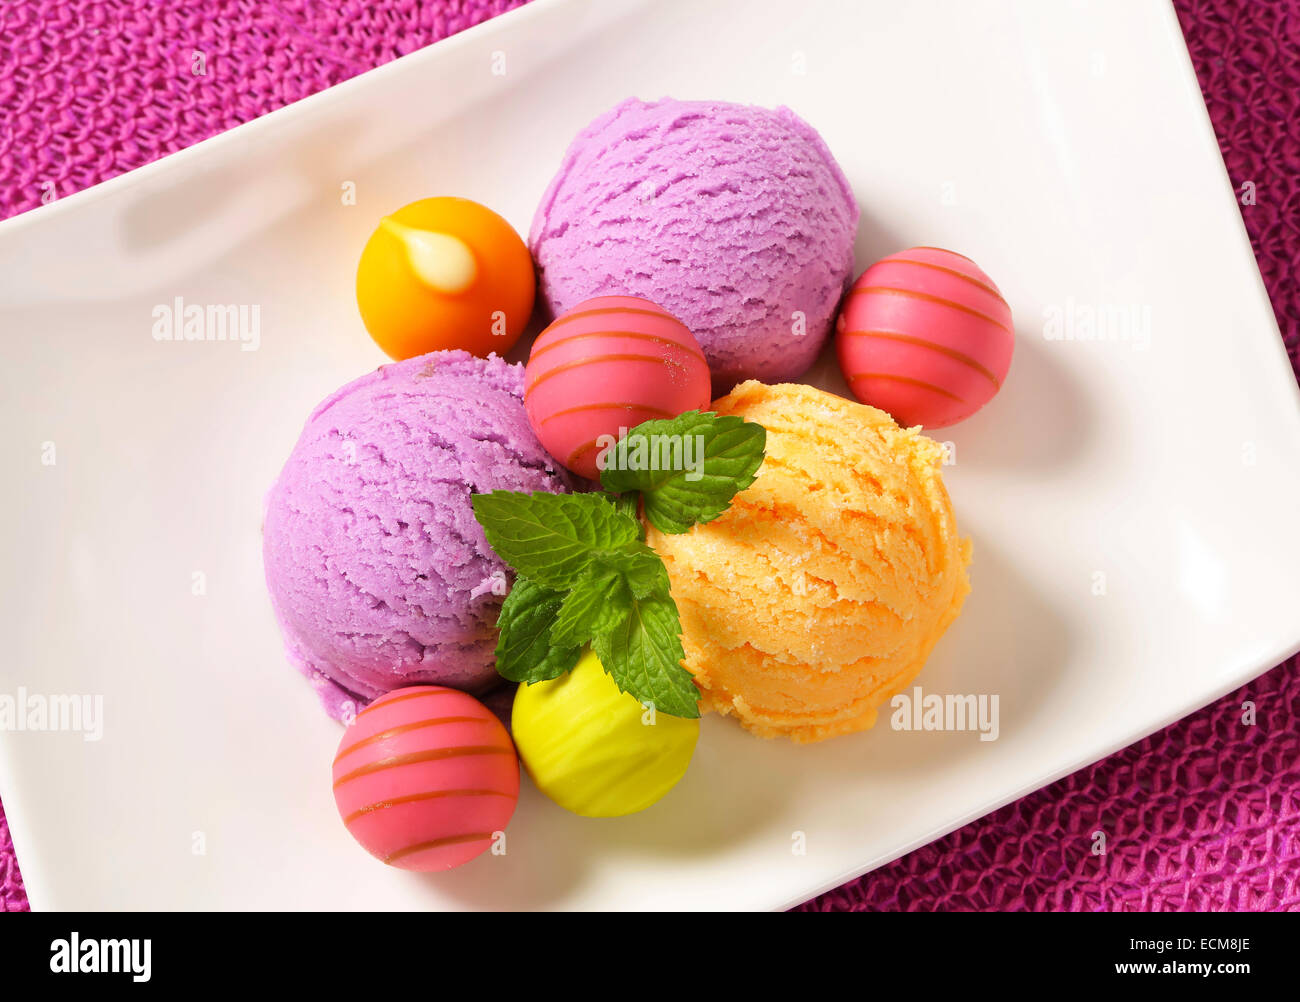 La crème glacée à saveur de fruits et de bonbons de chocolat noir et blanc avec Remplissage ganache Photo Stock